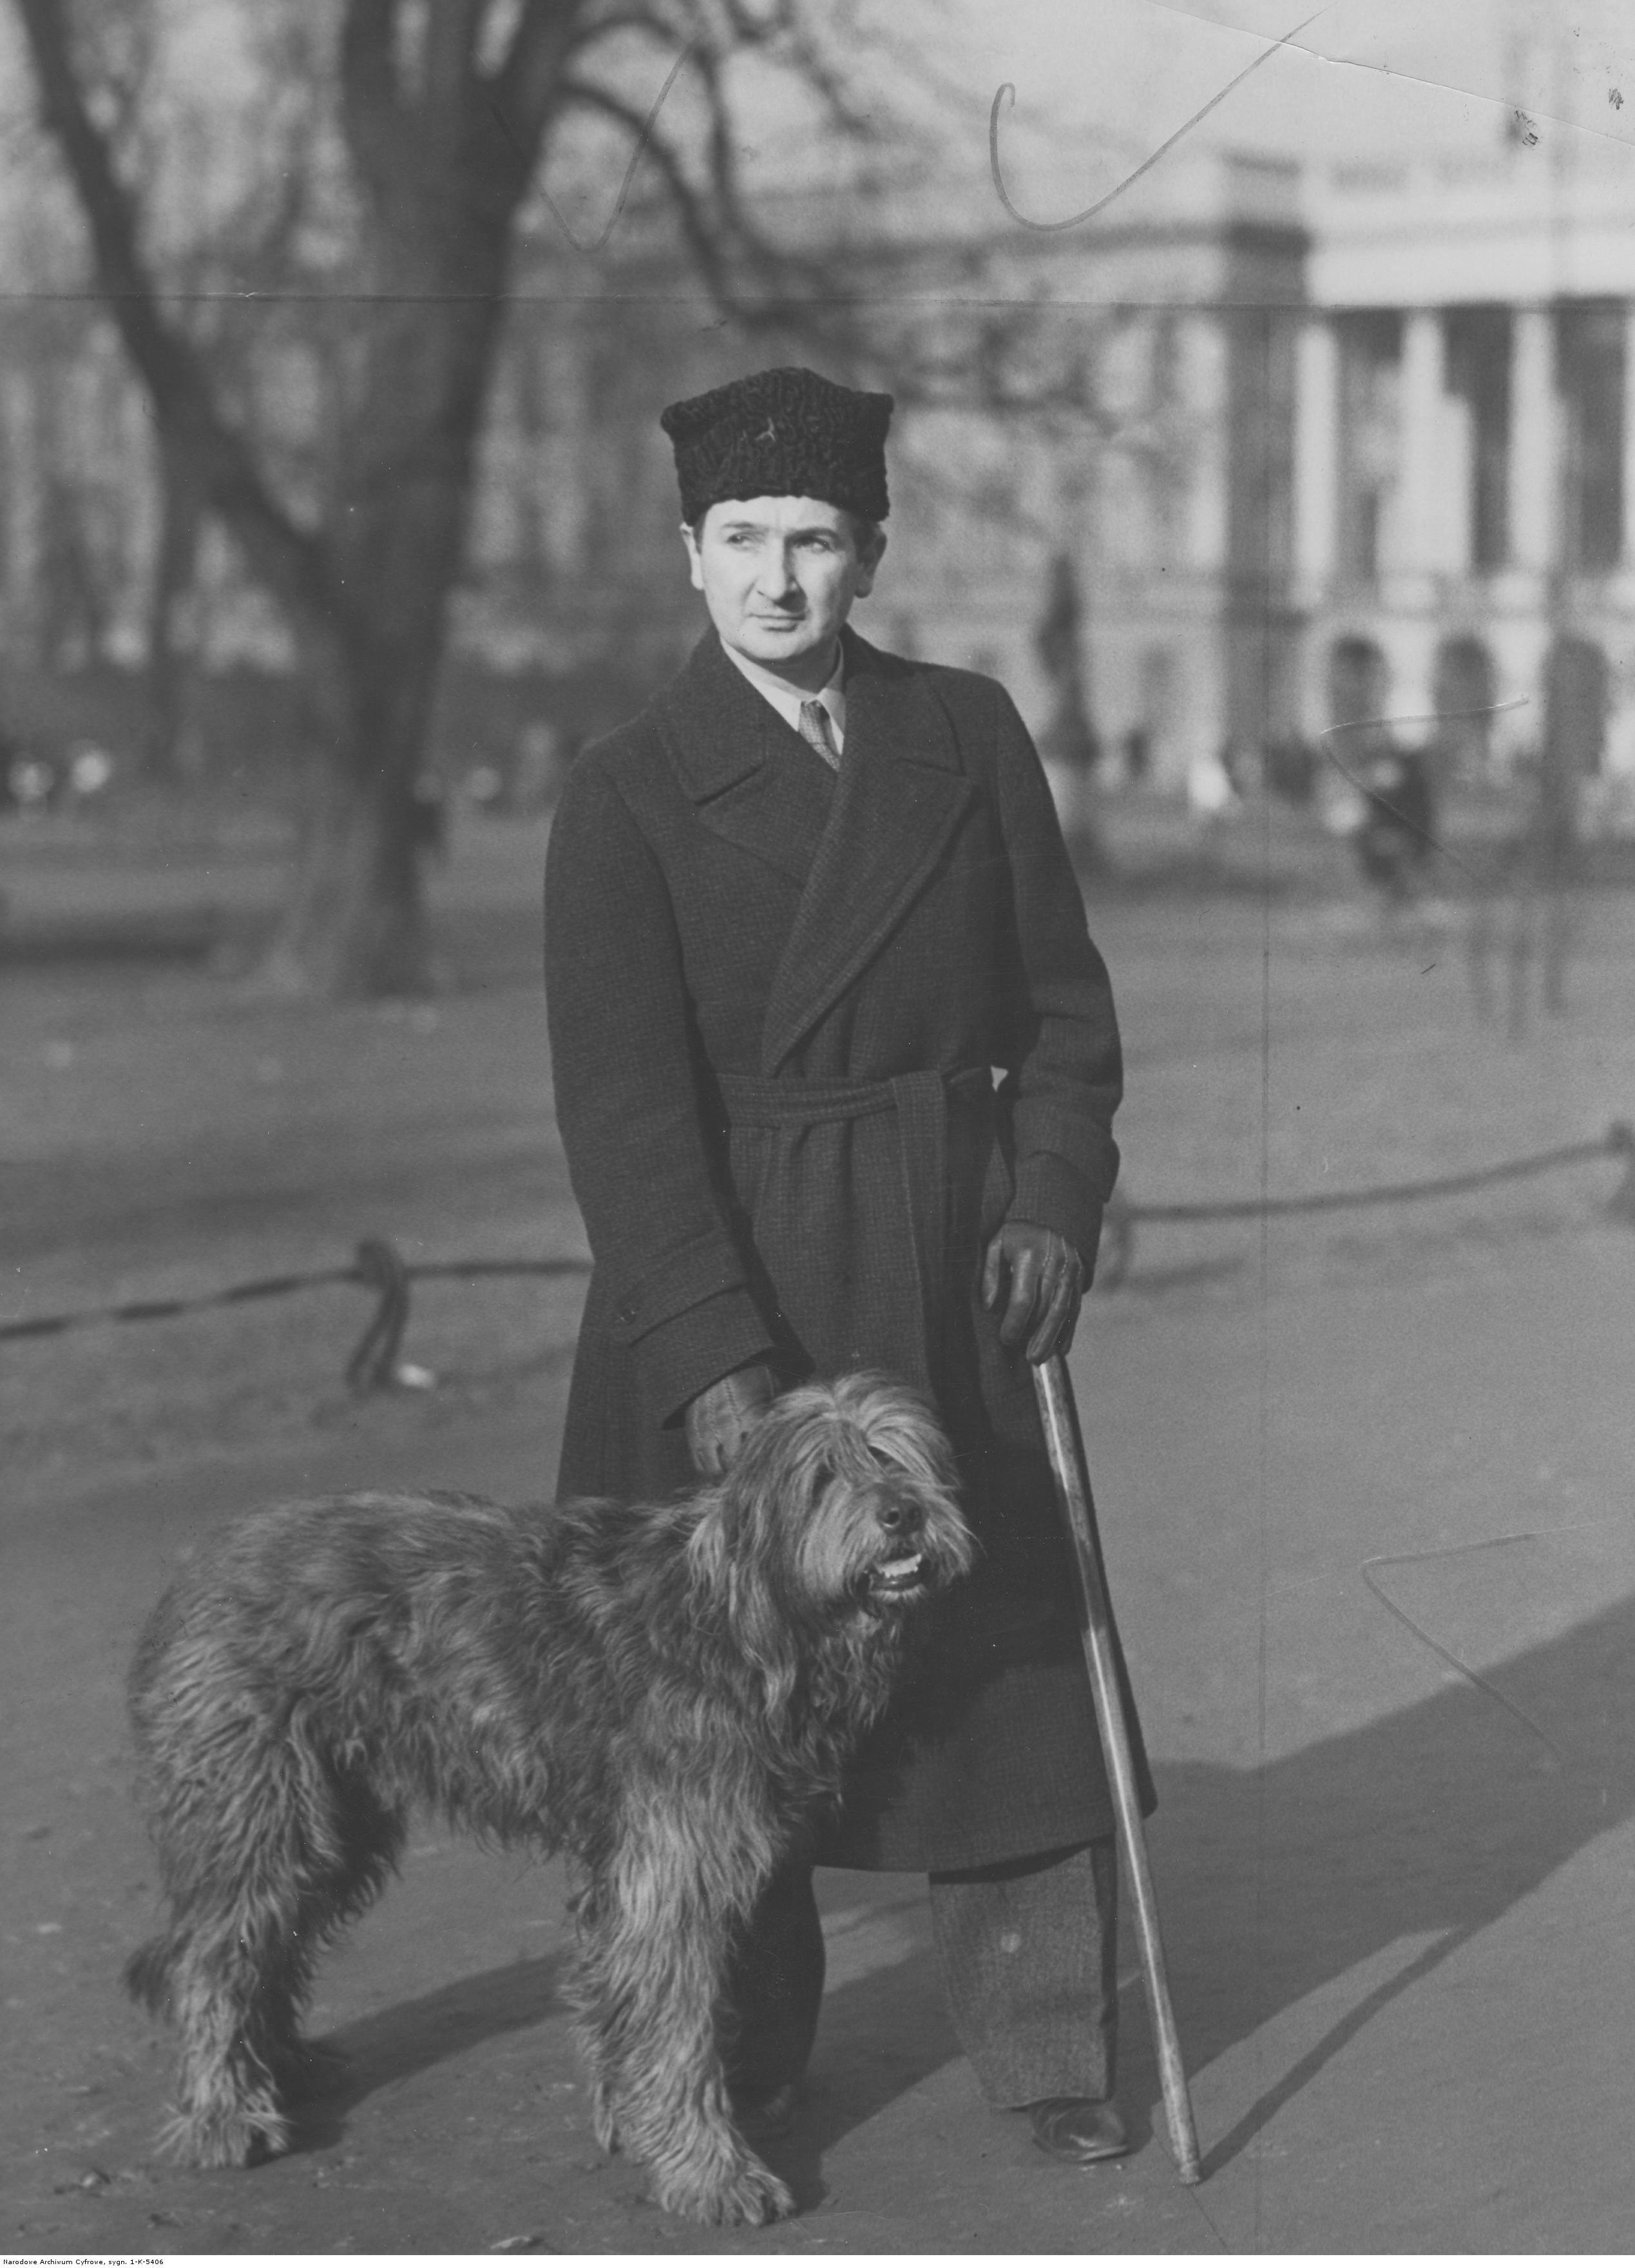 Stanisław Szukalski, artysta malarz i rzeźbiarz ze swoim psem Bacą, ok. 1929 roku, źródło: nac.gov.pl